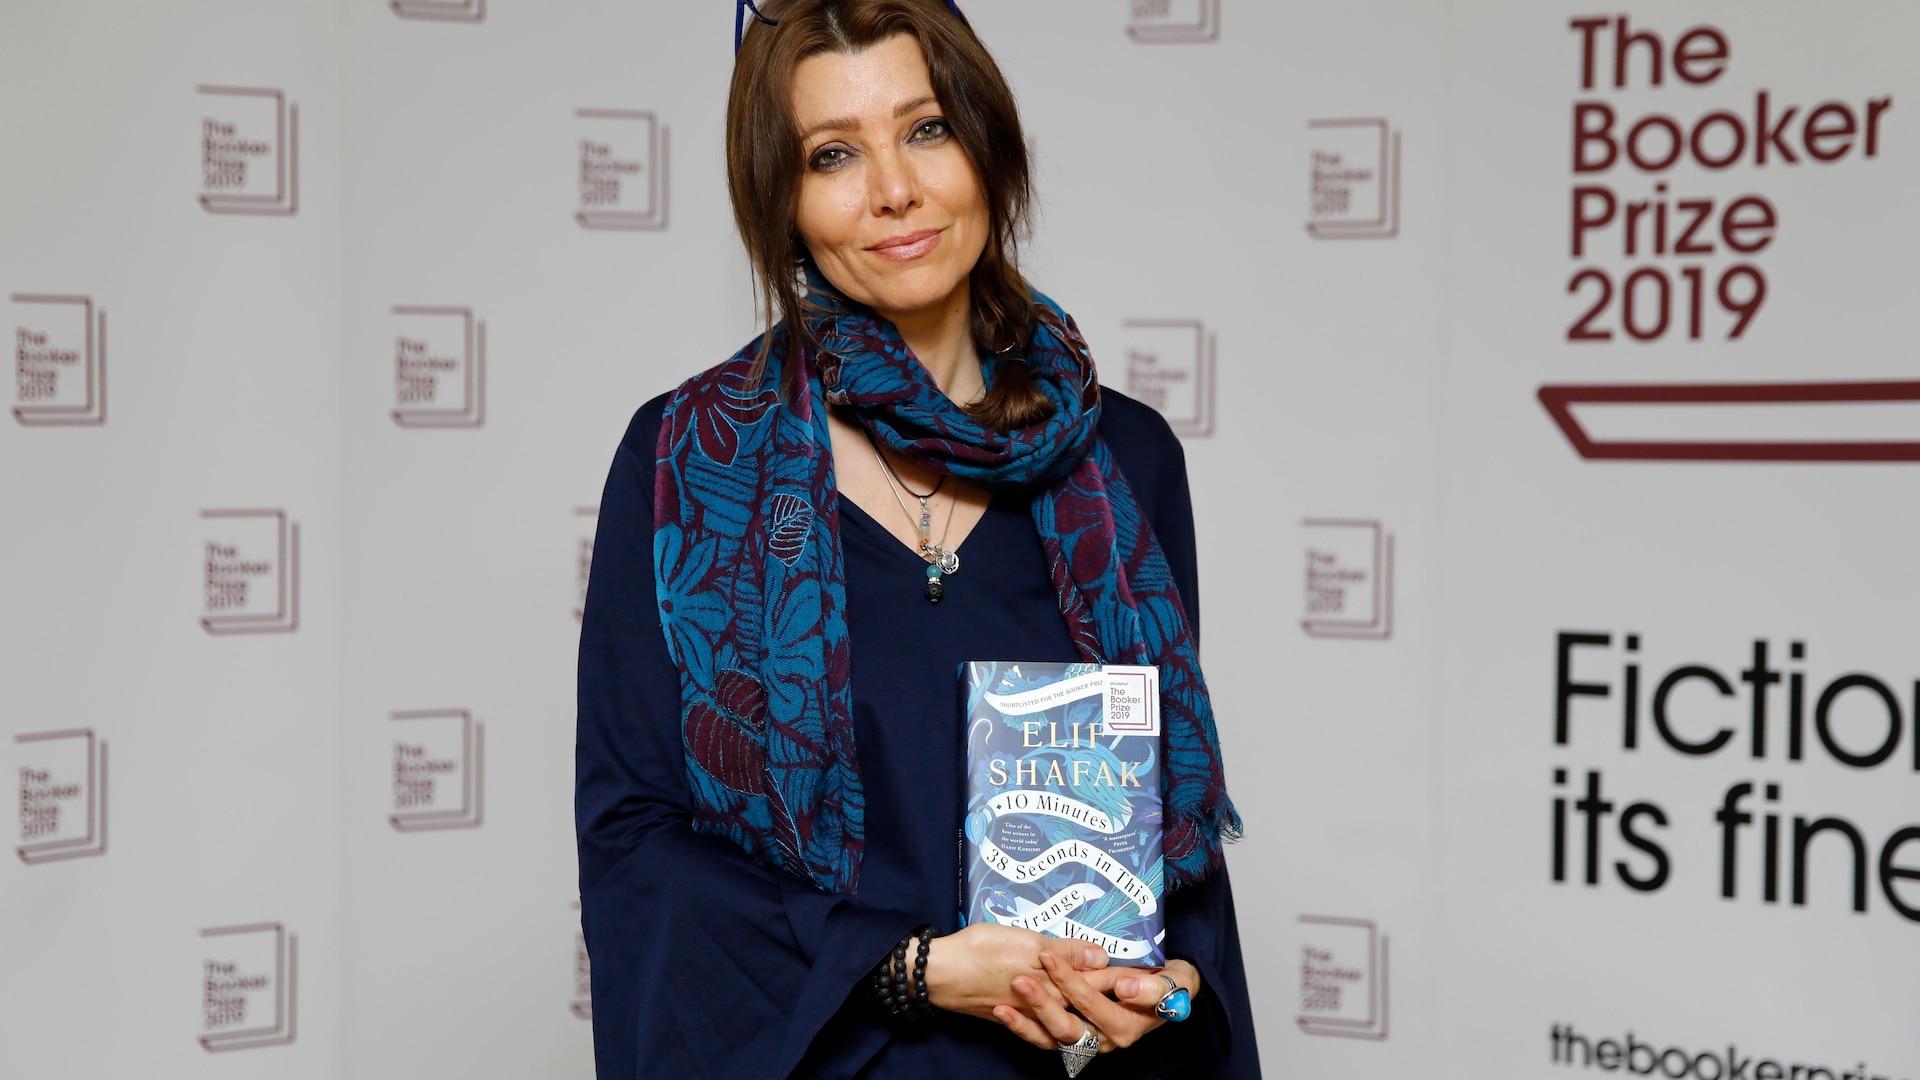 L'autrice pose avec son livre.